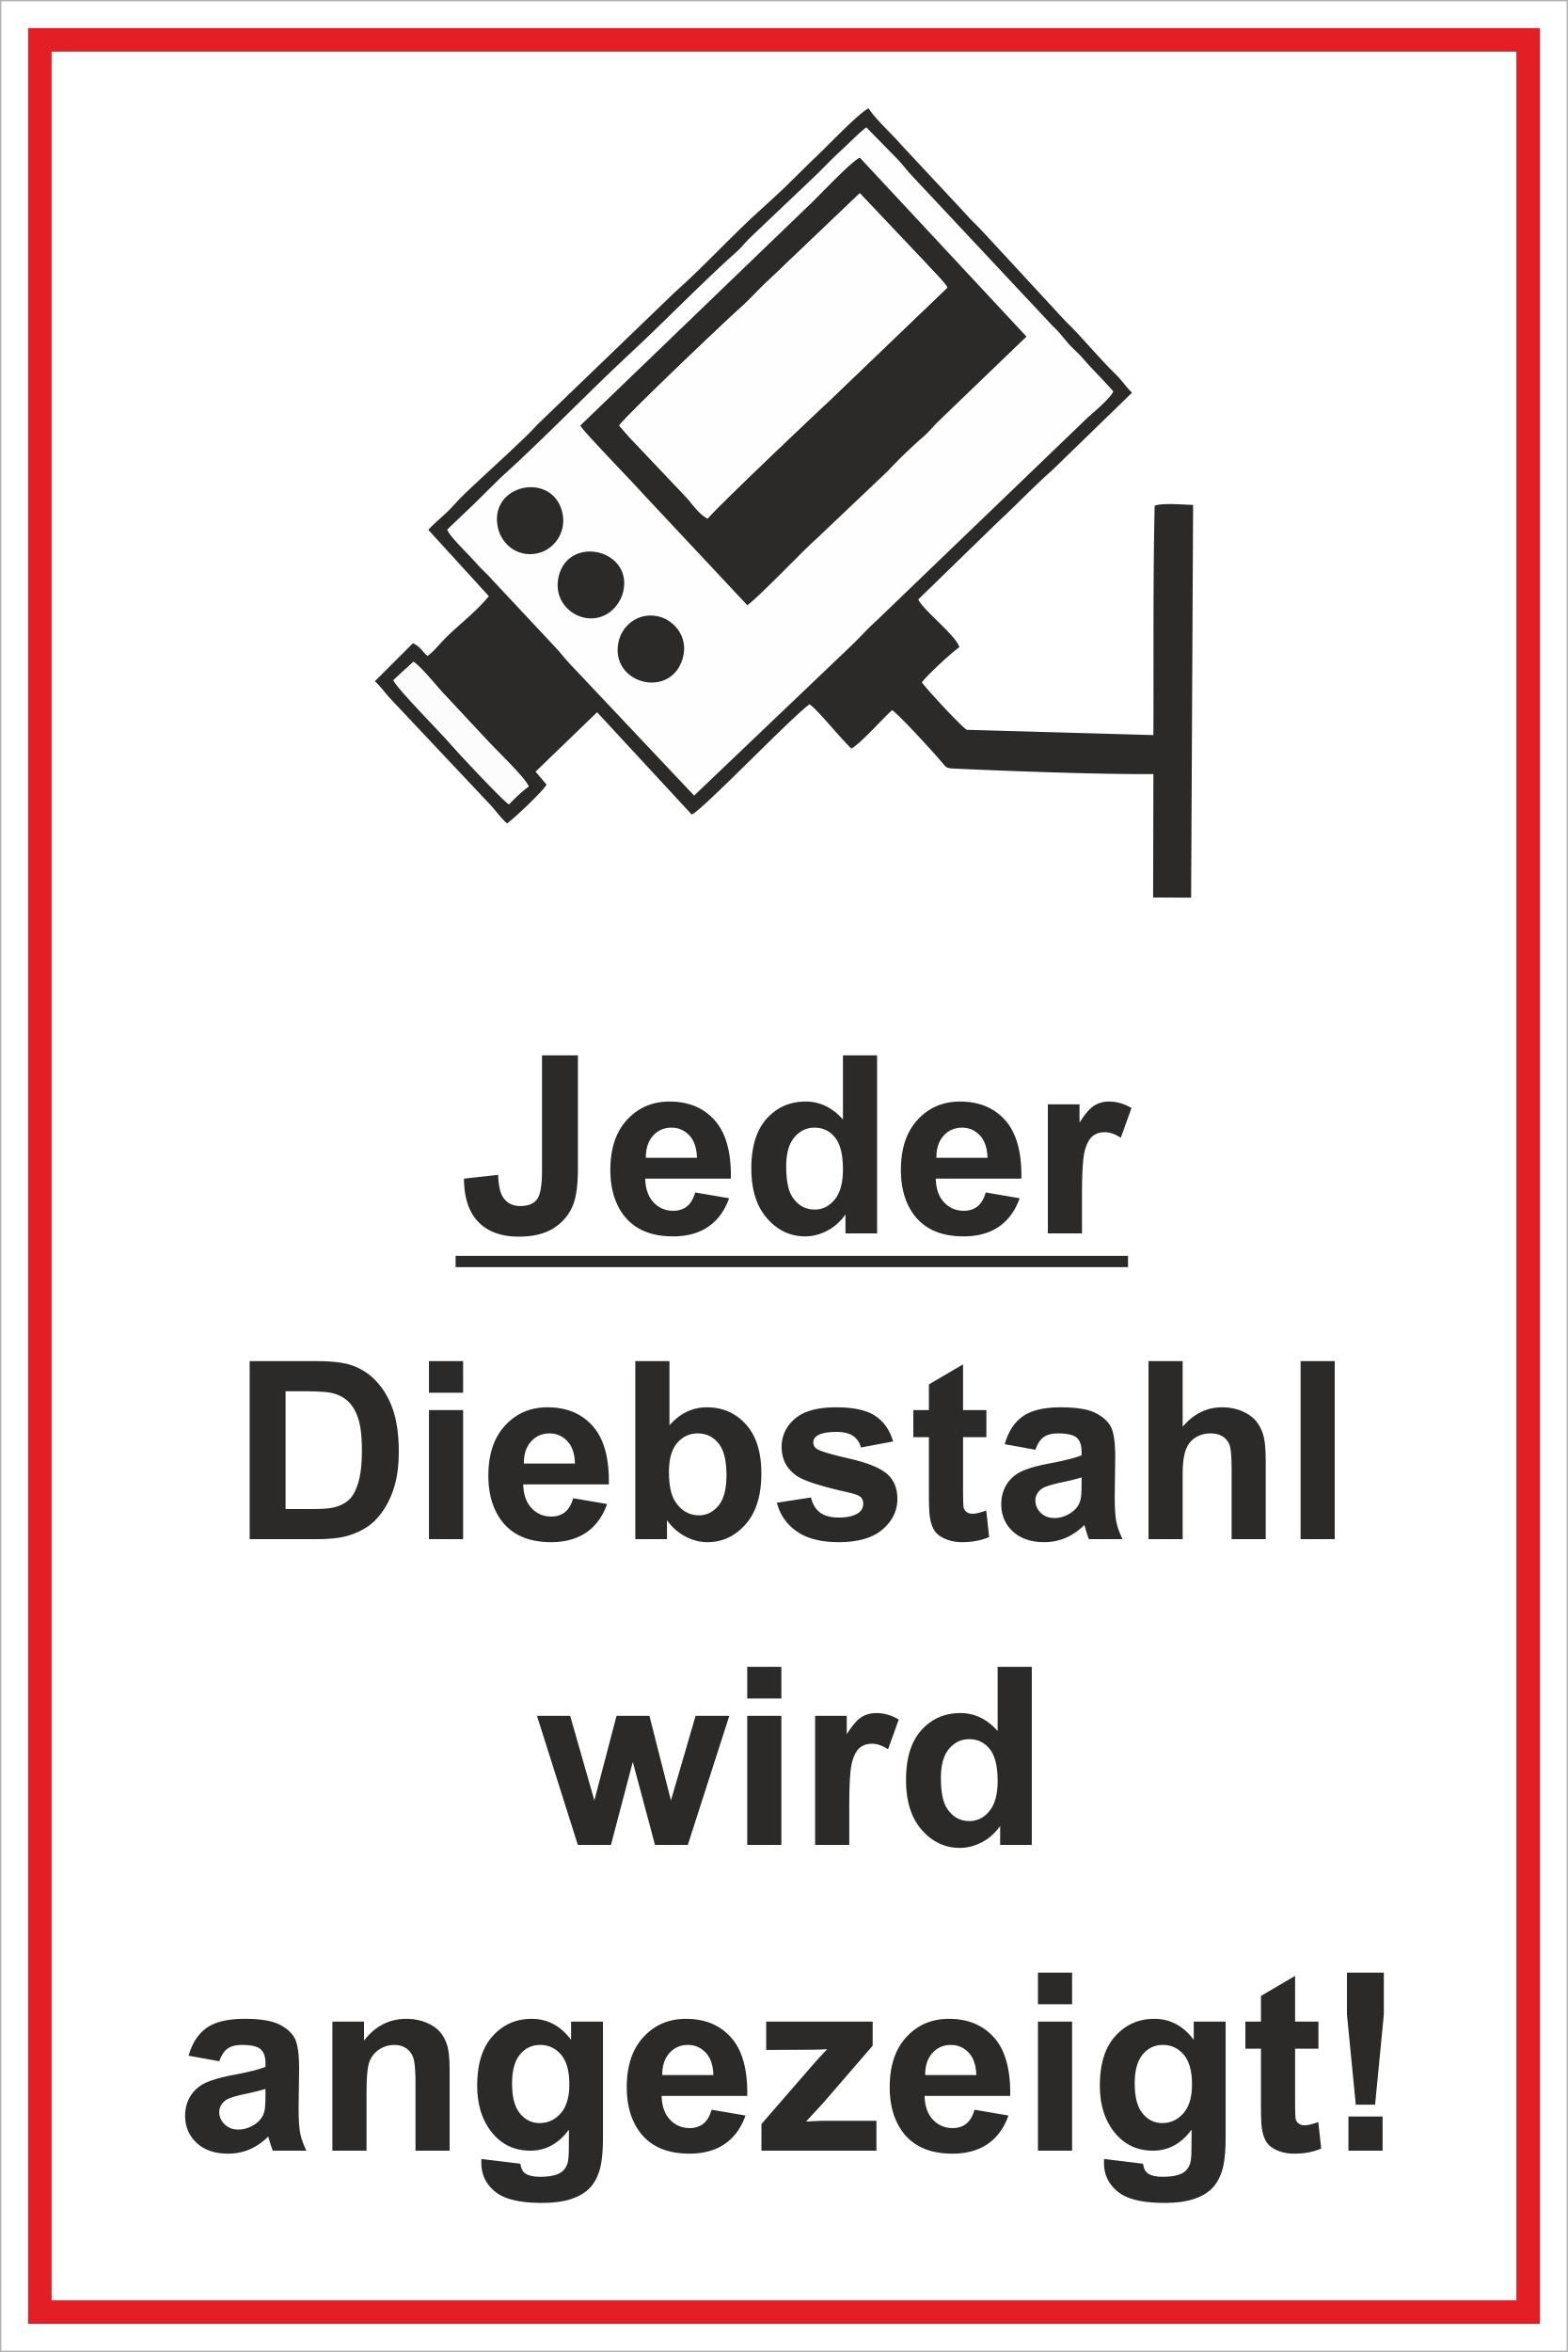 Jeder Diebstahl wird angezeigt!! 300 x 200 mm Warn- Hinweis- und Verbotsschild PST-Kunststoff   – Bild 1